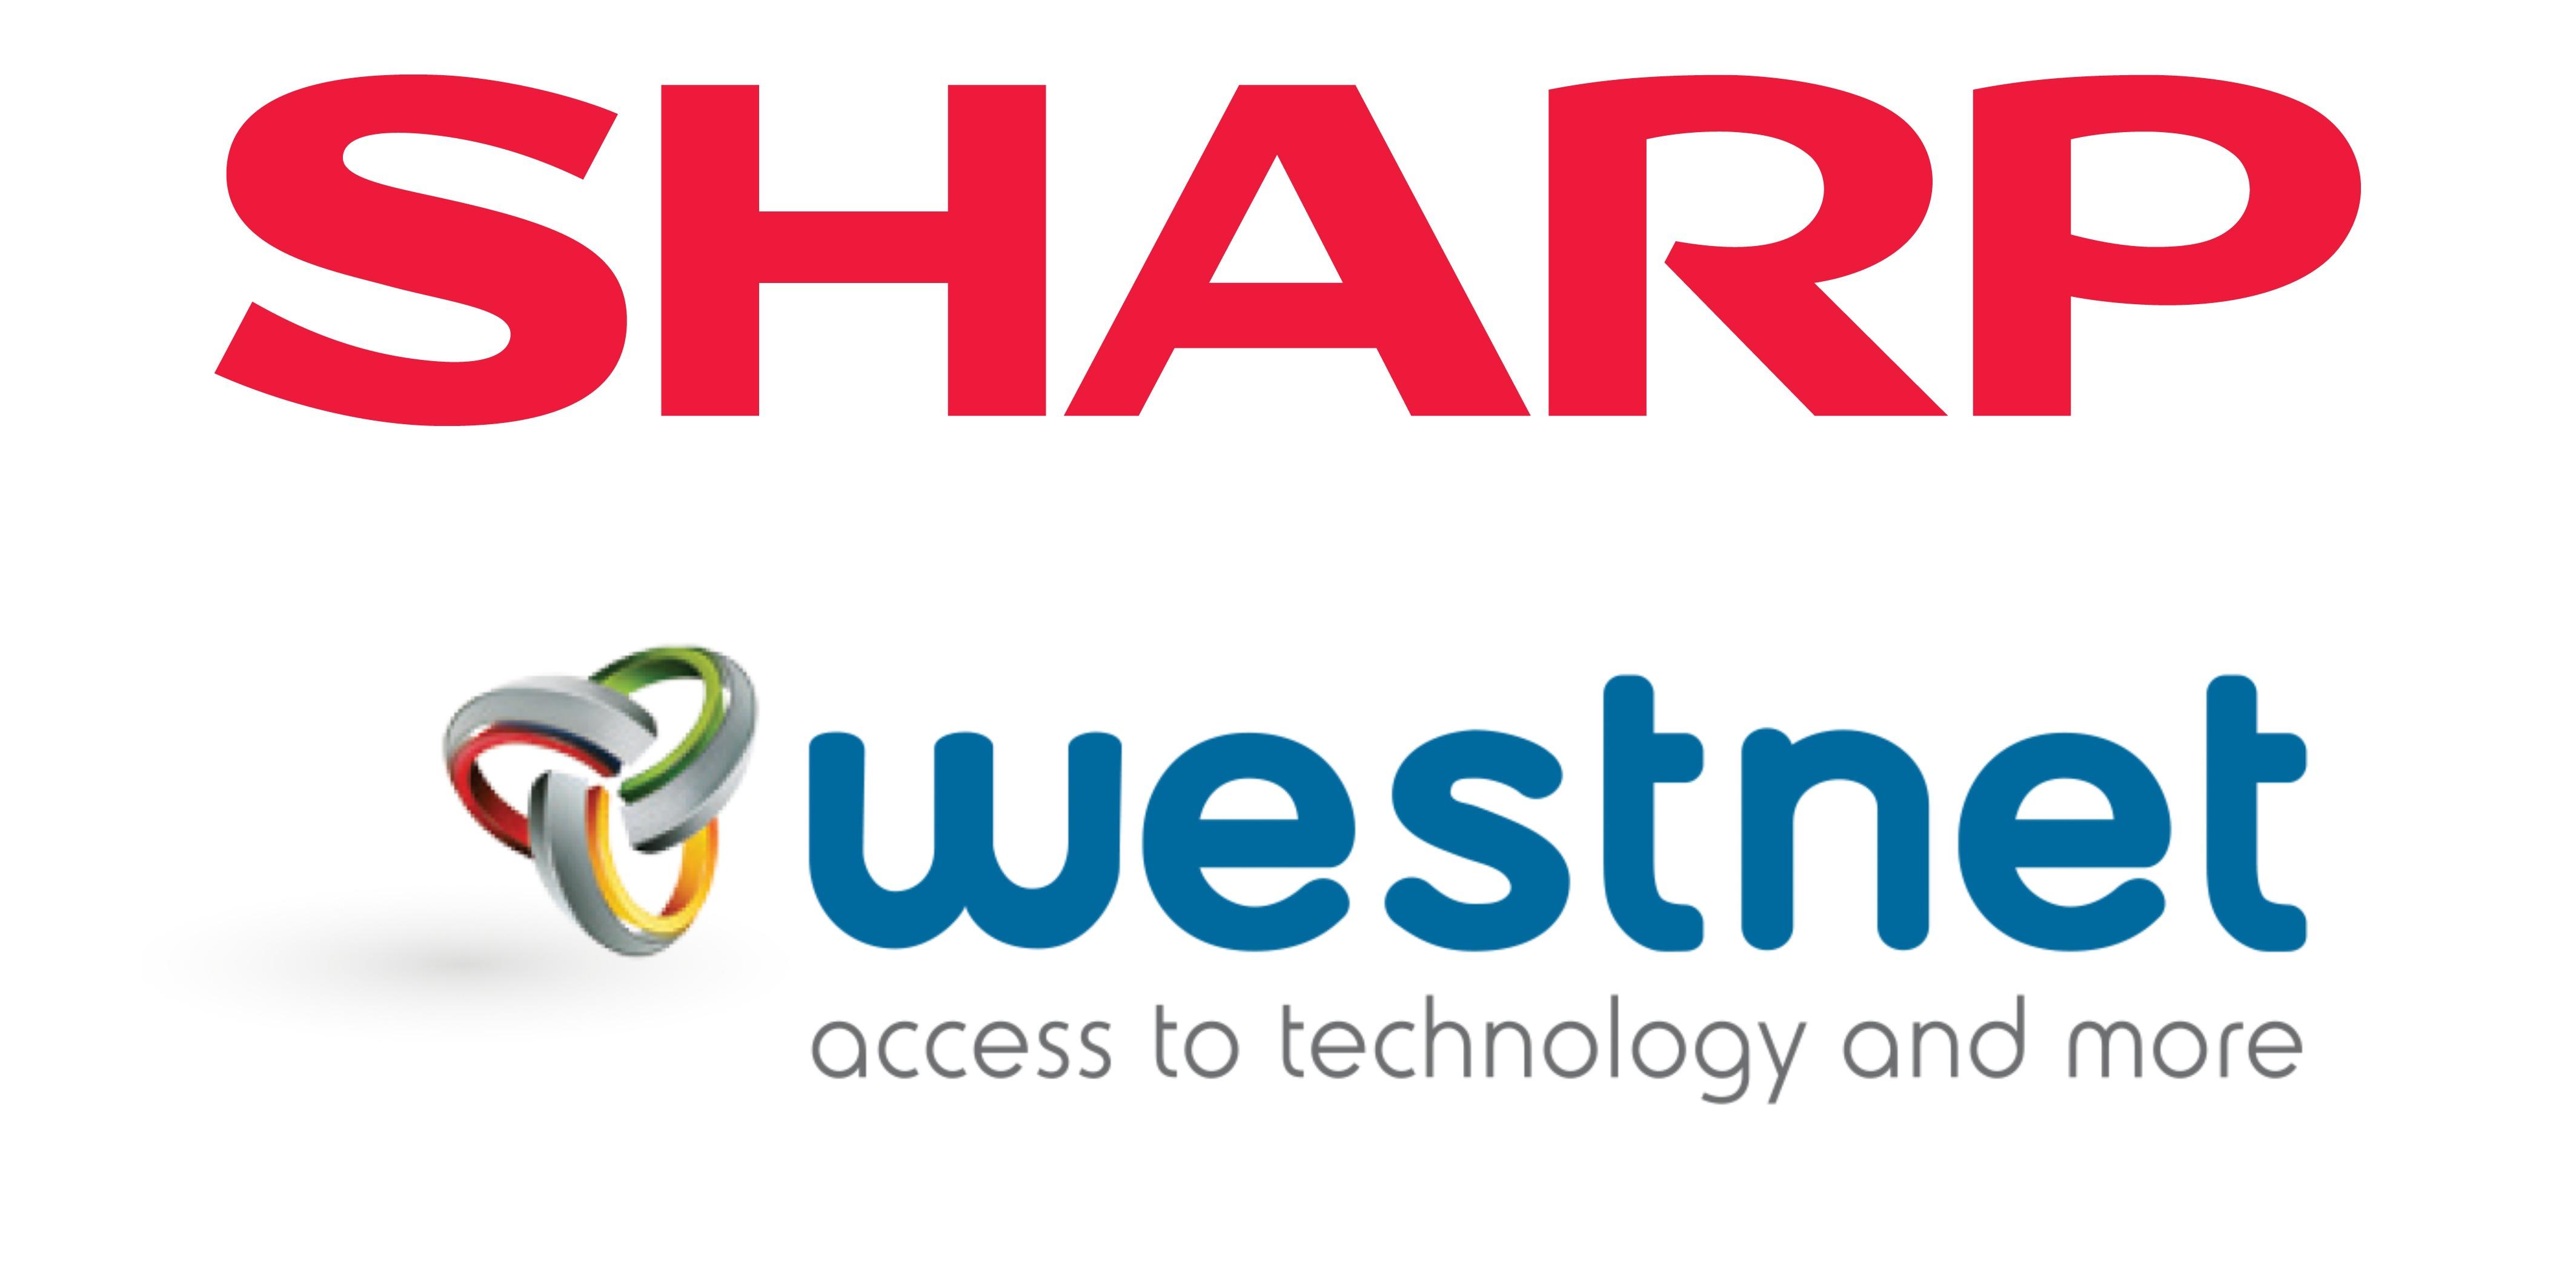 593e70c4a27e Westnet  είσοδος στην κατηγορία των οικιακών ηλεκτρικών συσκευών με την  συμφωνία για αποκλειστική διανομή των προϊόντων SHARP